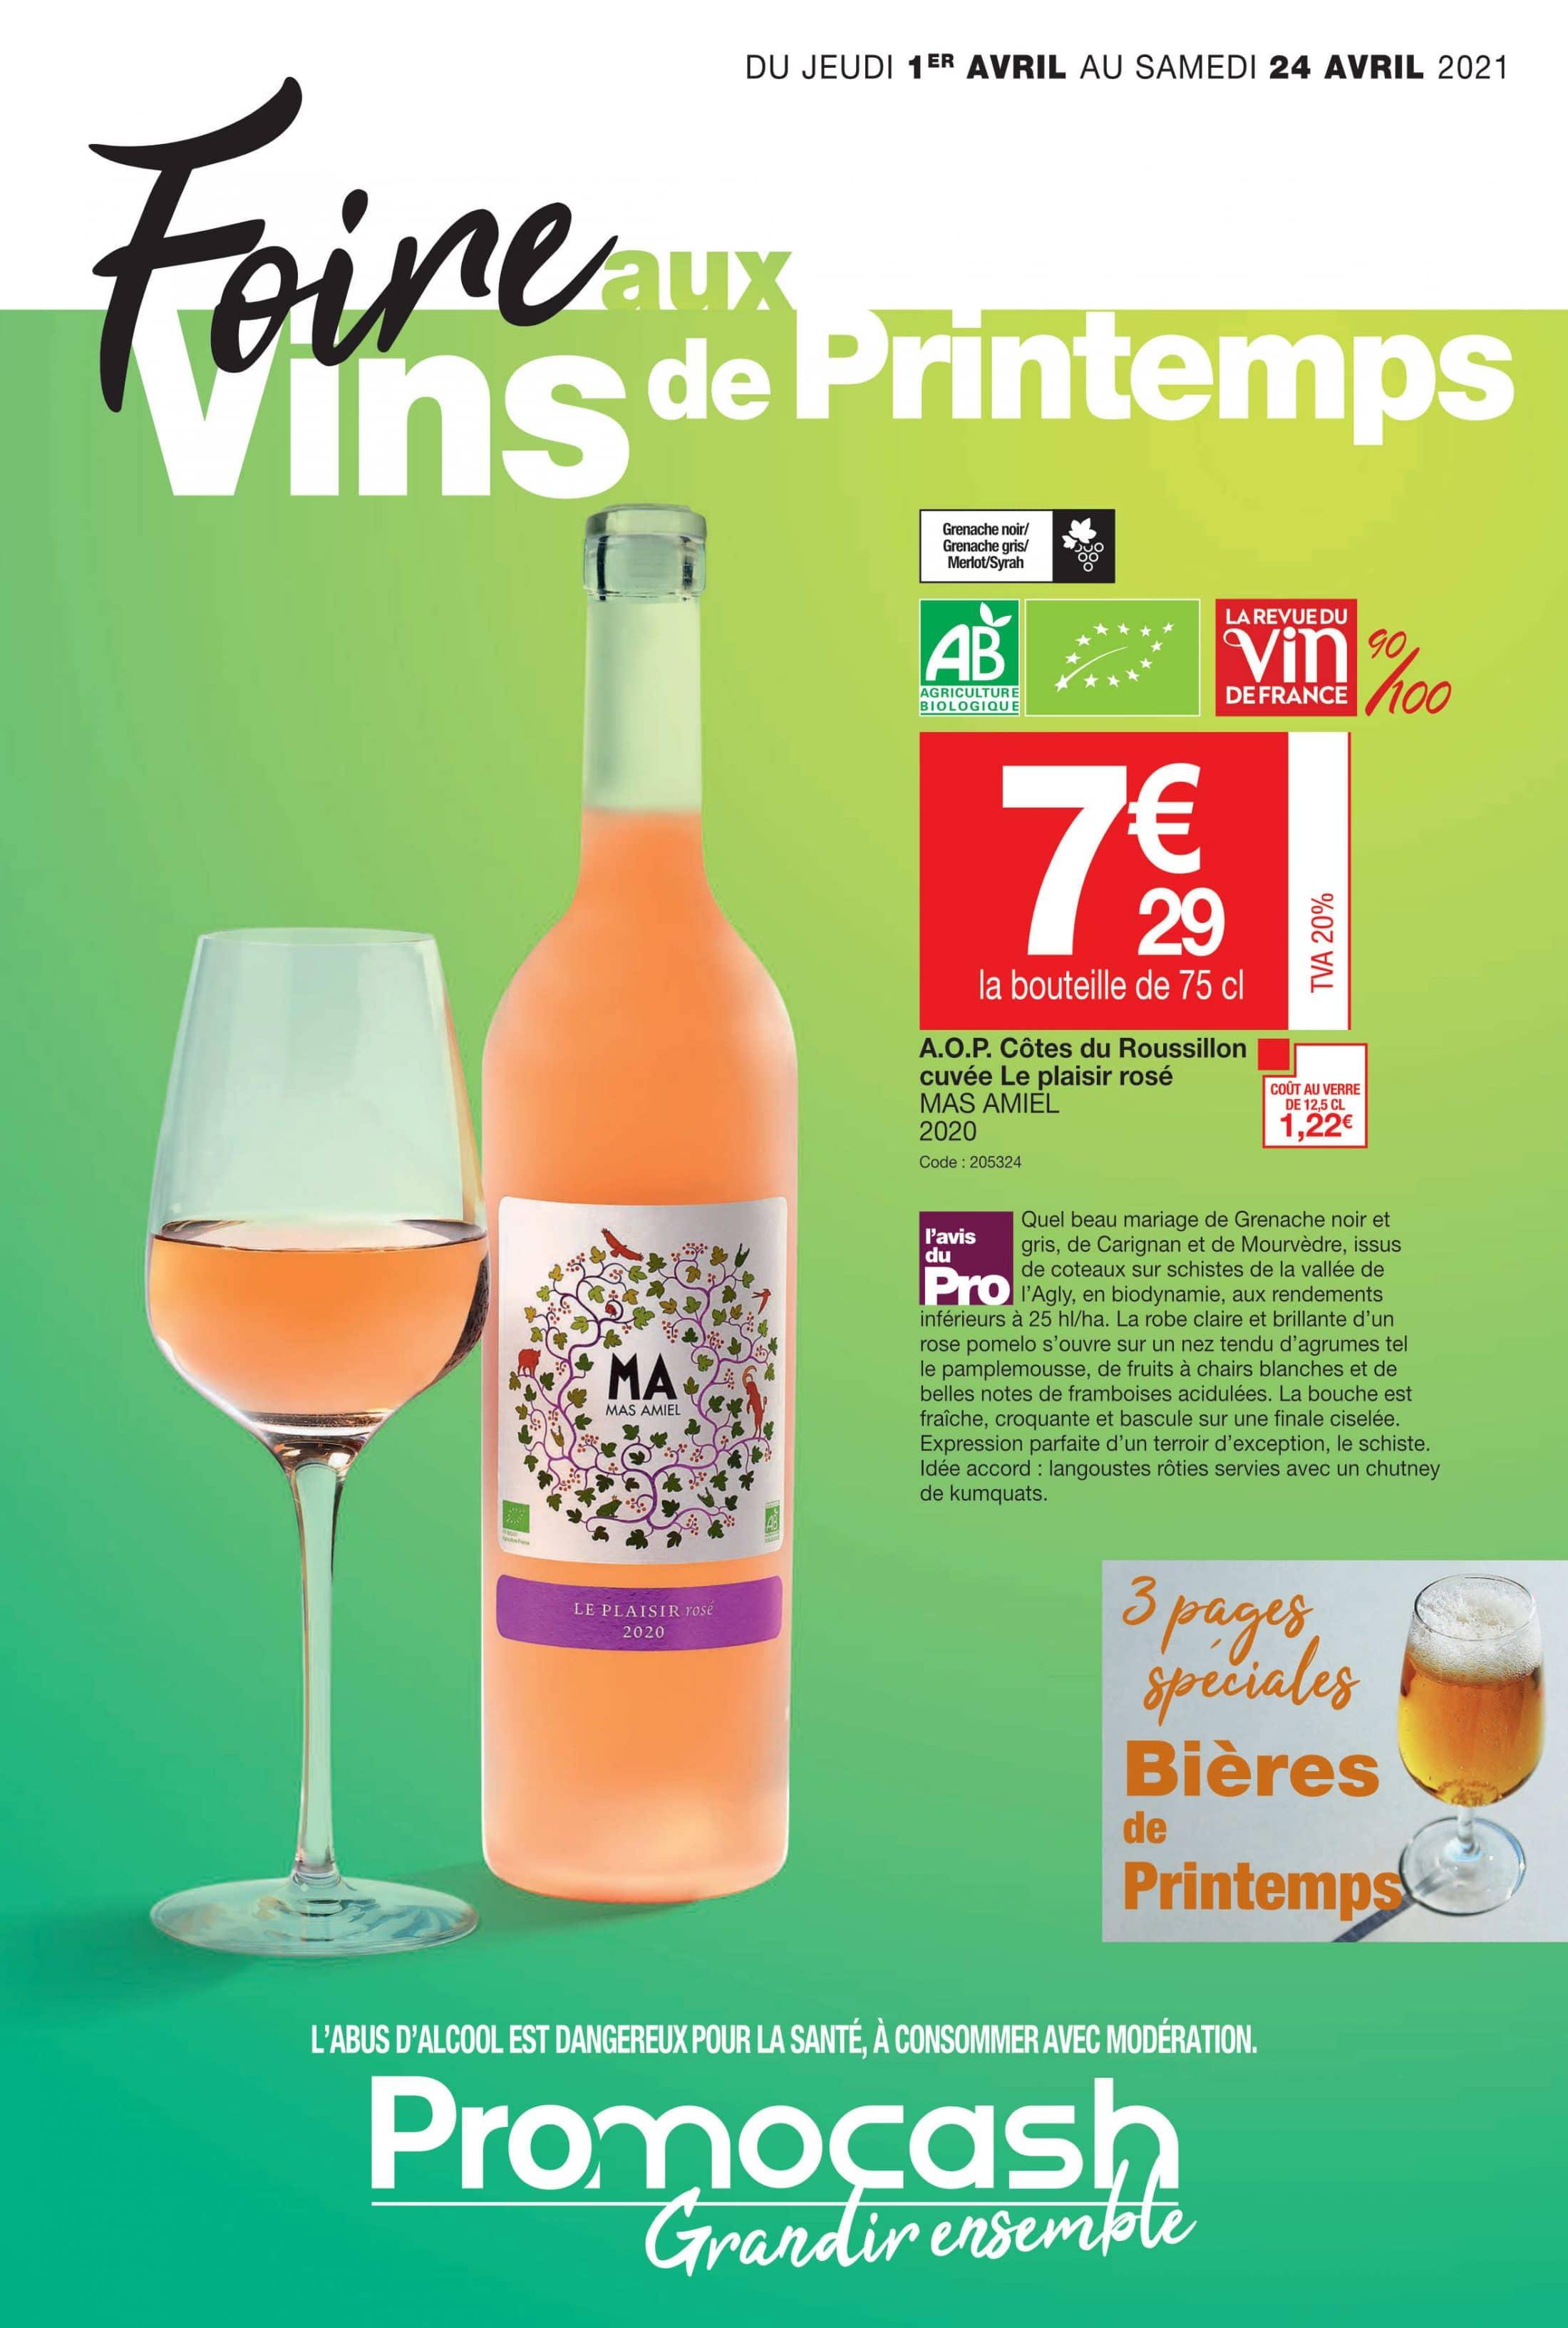 Foire aux vins de printemps du jeudi 1 au samedi 24 avril 2021